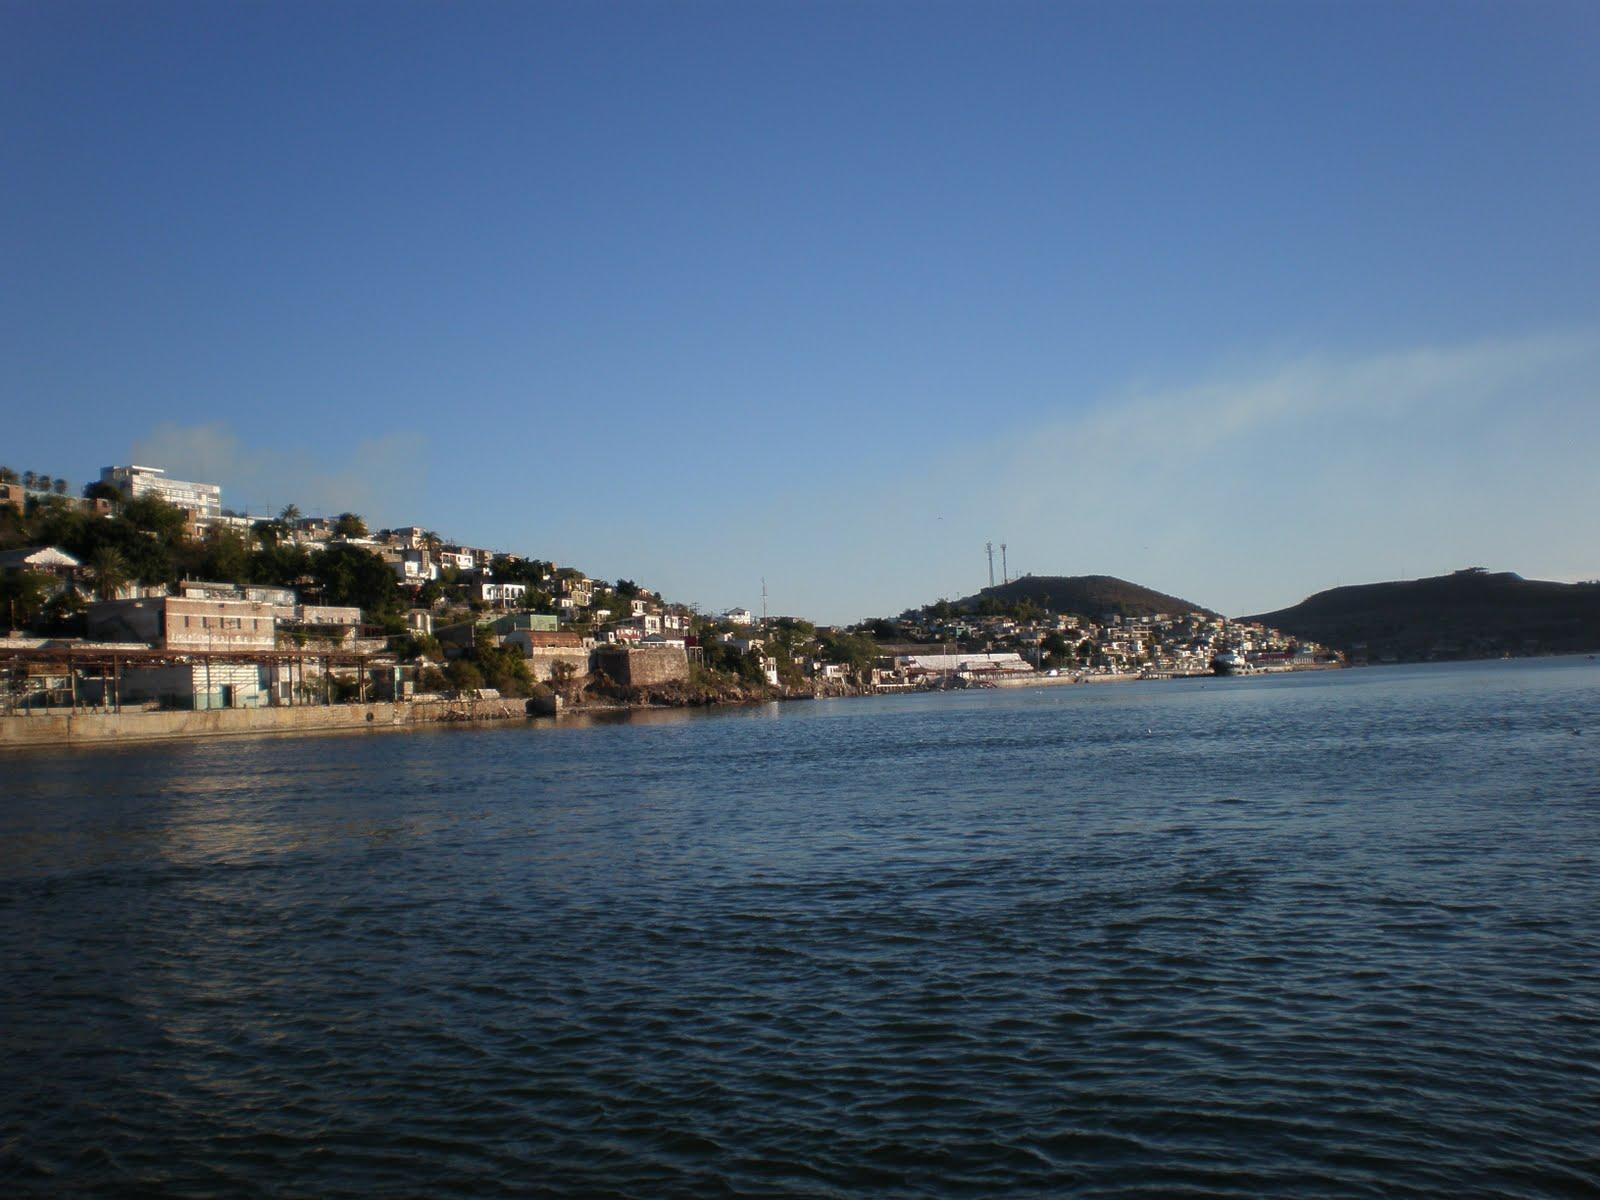 Dicionario grego portugues apostilas para vestibular gratis em pdf dicionario juridico pdf gratis